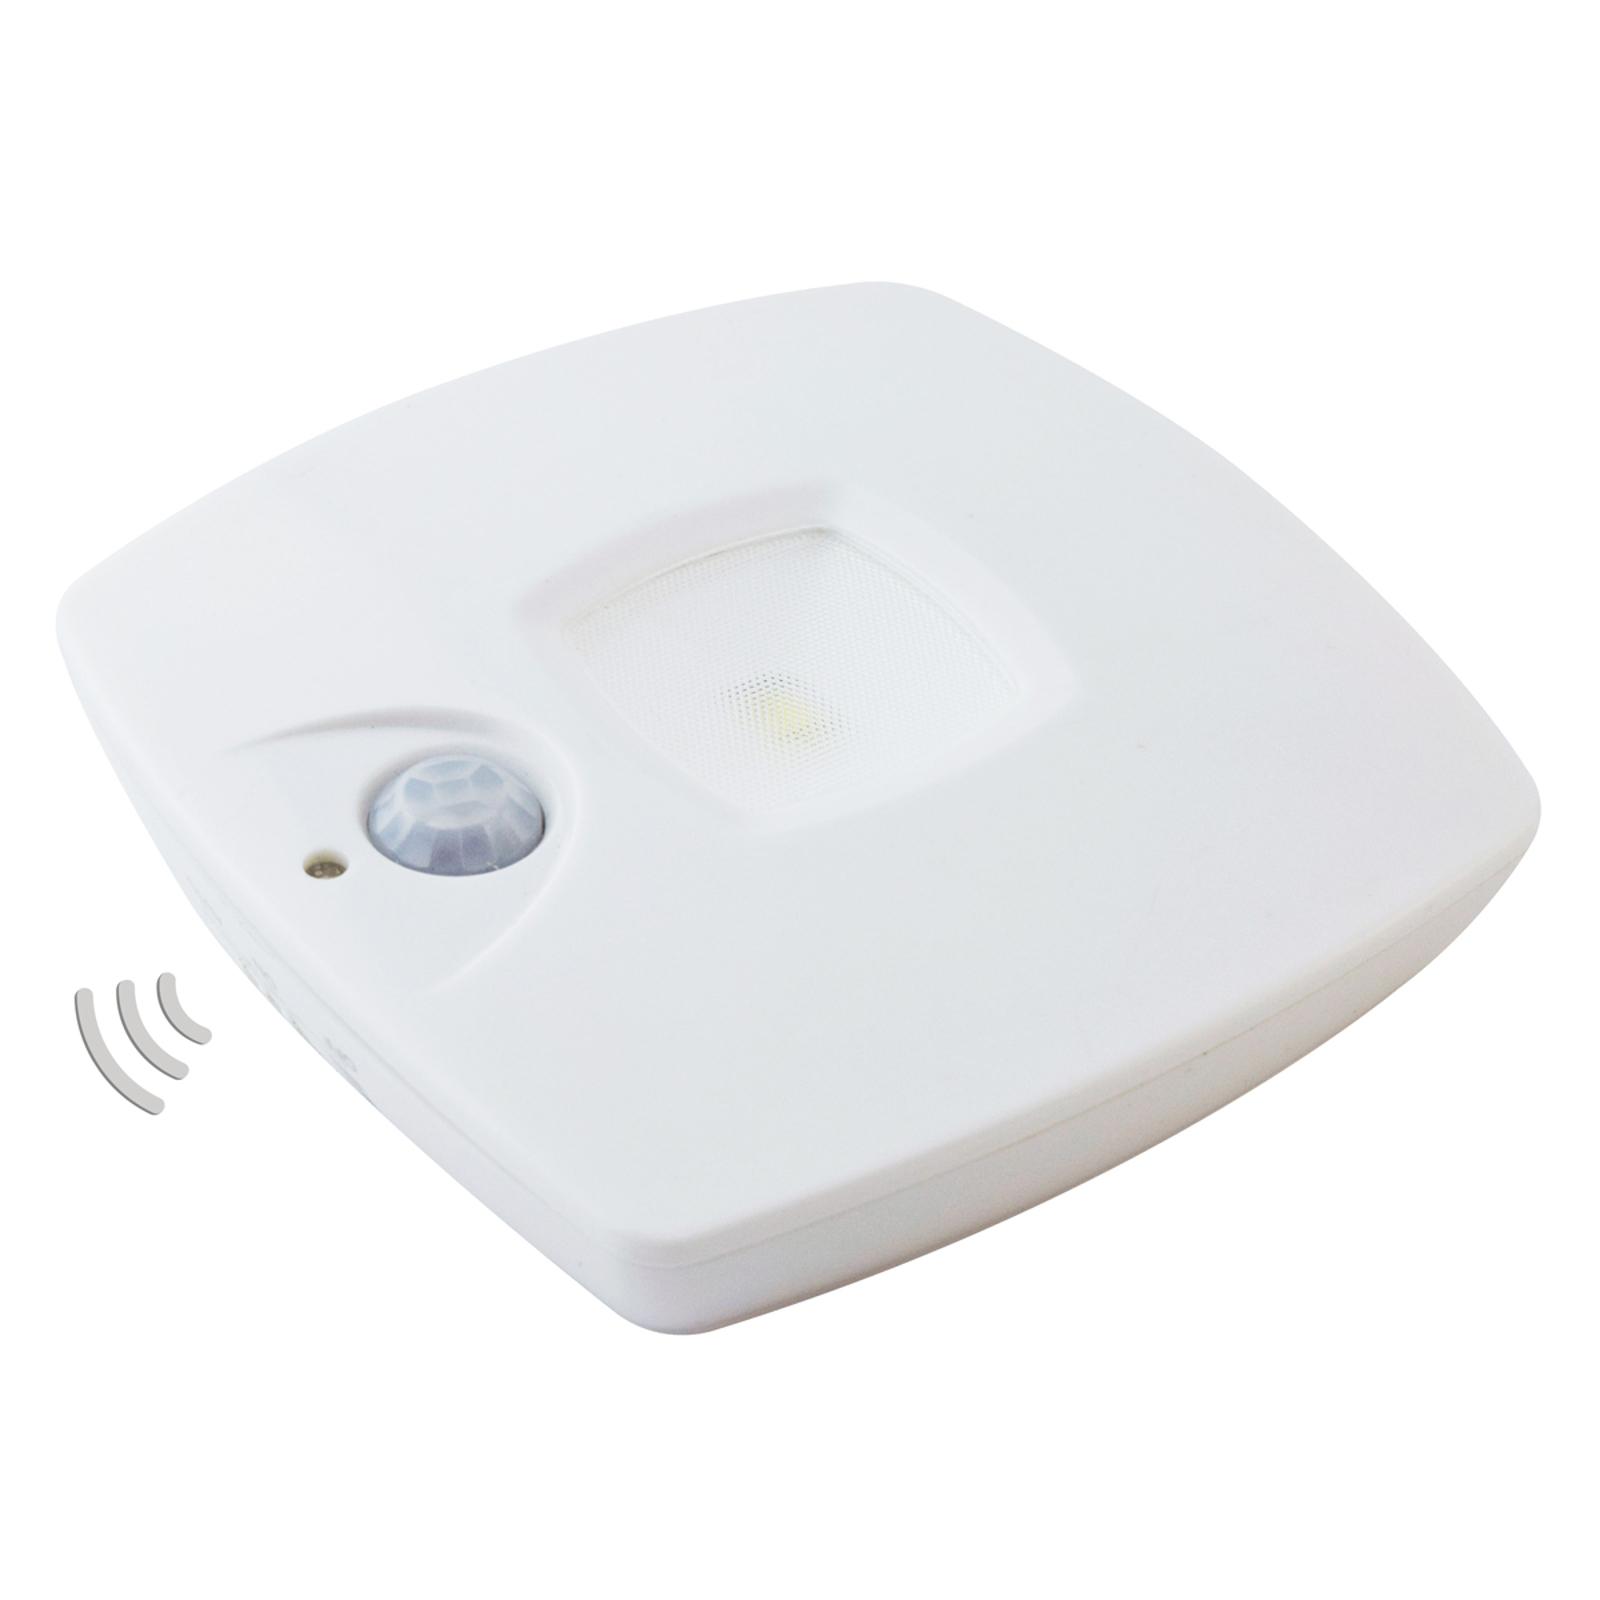 LED night light Nightlight Sensor, batteries_8559198_1